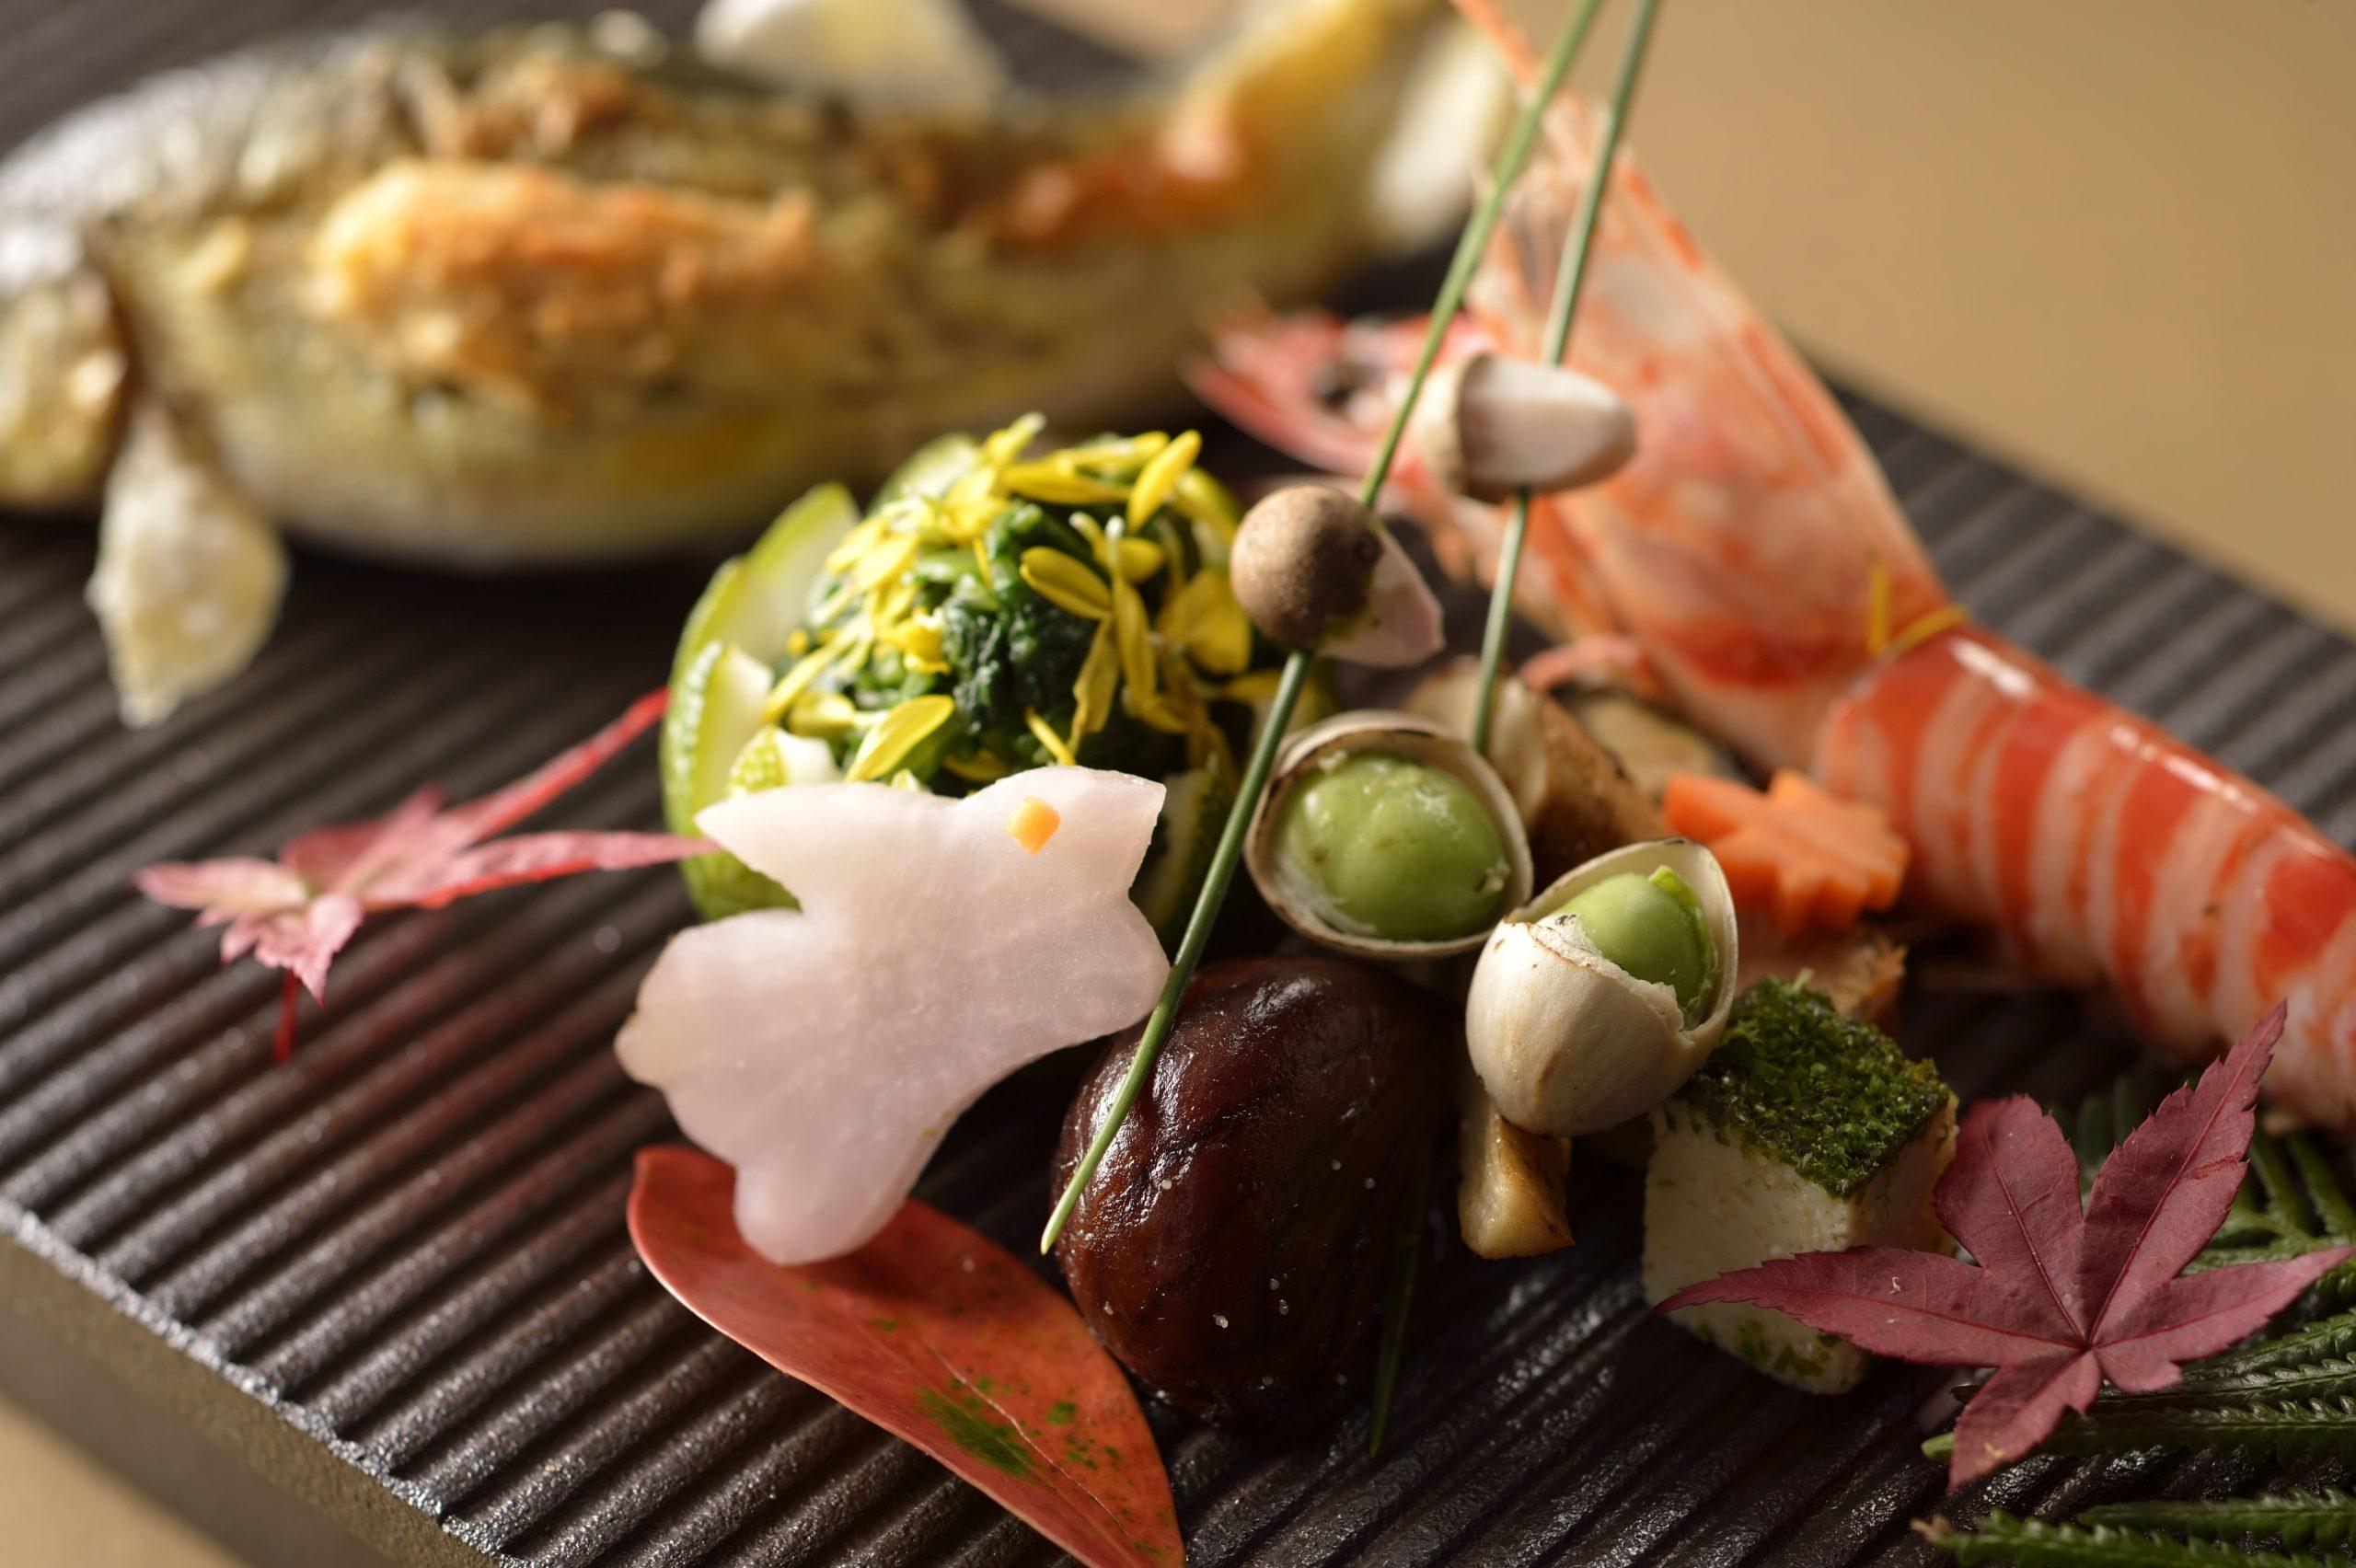 京料理「たん熊 北店」Directed by M.Kurisu:一期一会の心と旬の食材、京の粋と食文化、そして繊細な味と技の冴えで心からのおもてなしをいたします。(料理イメージ)